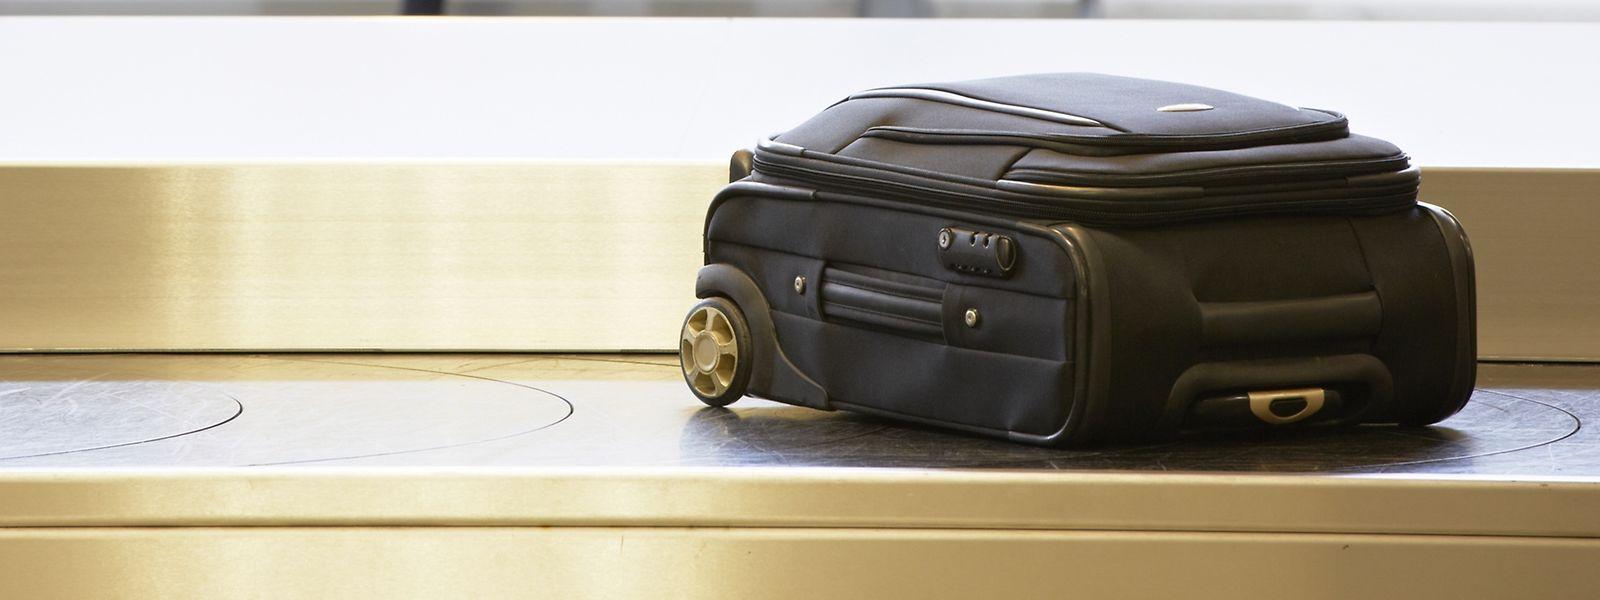 Wer ein schlichtes Koffermodell in Schwarz wählt, schützt sein Reisegepäck vor dem Augenmerk der Diebe. Jedoch ist die Verwechslungsgefahr sehr hoch.